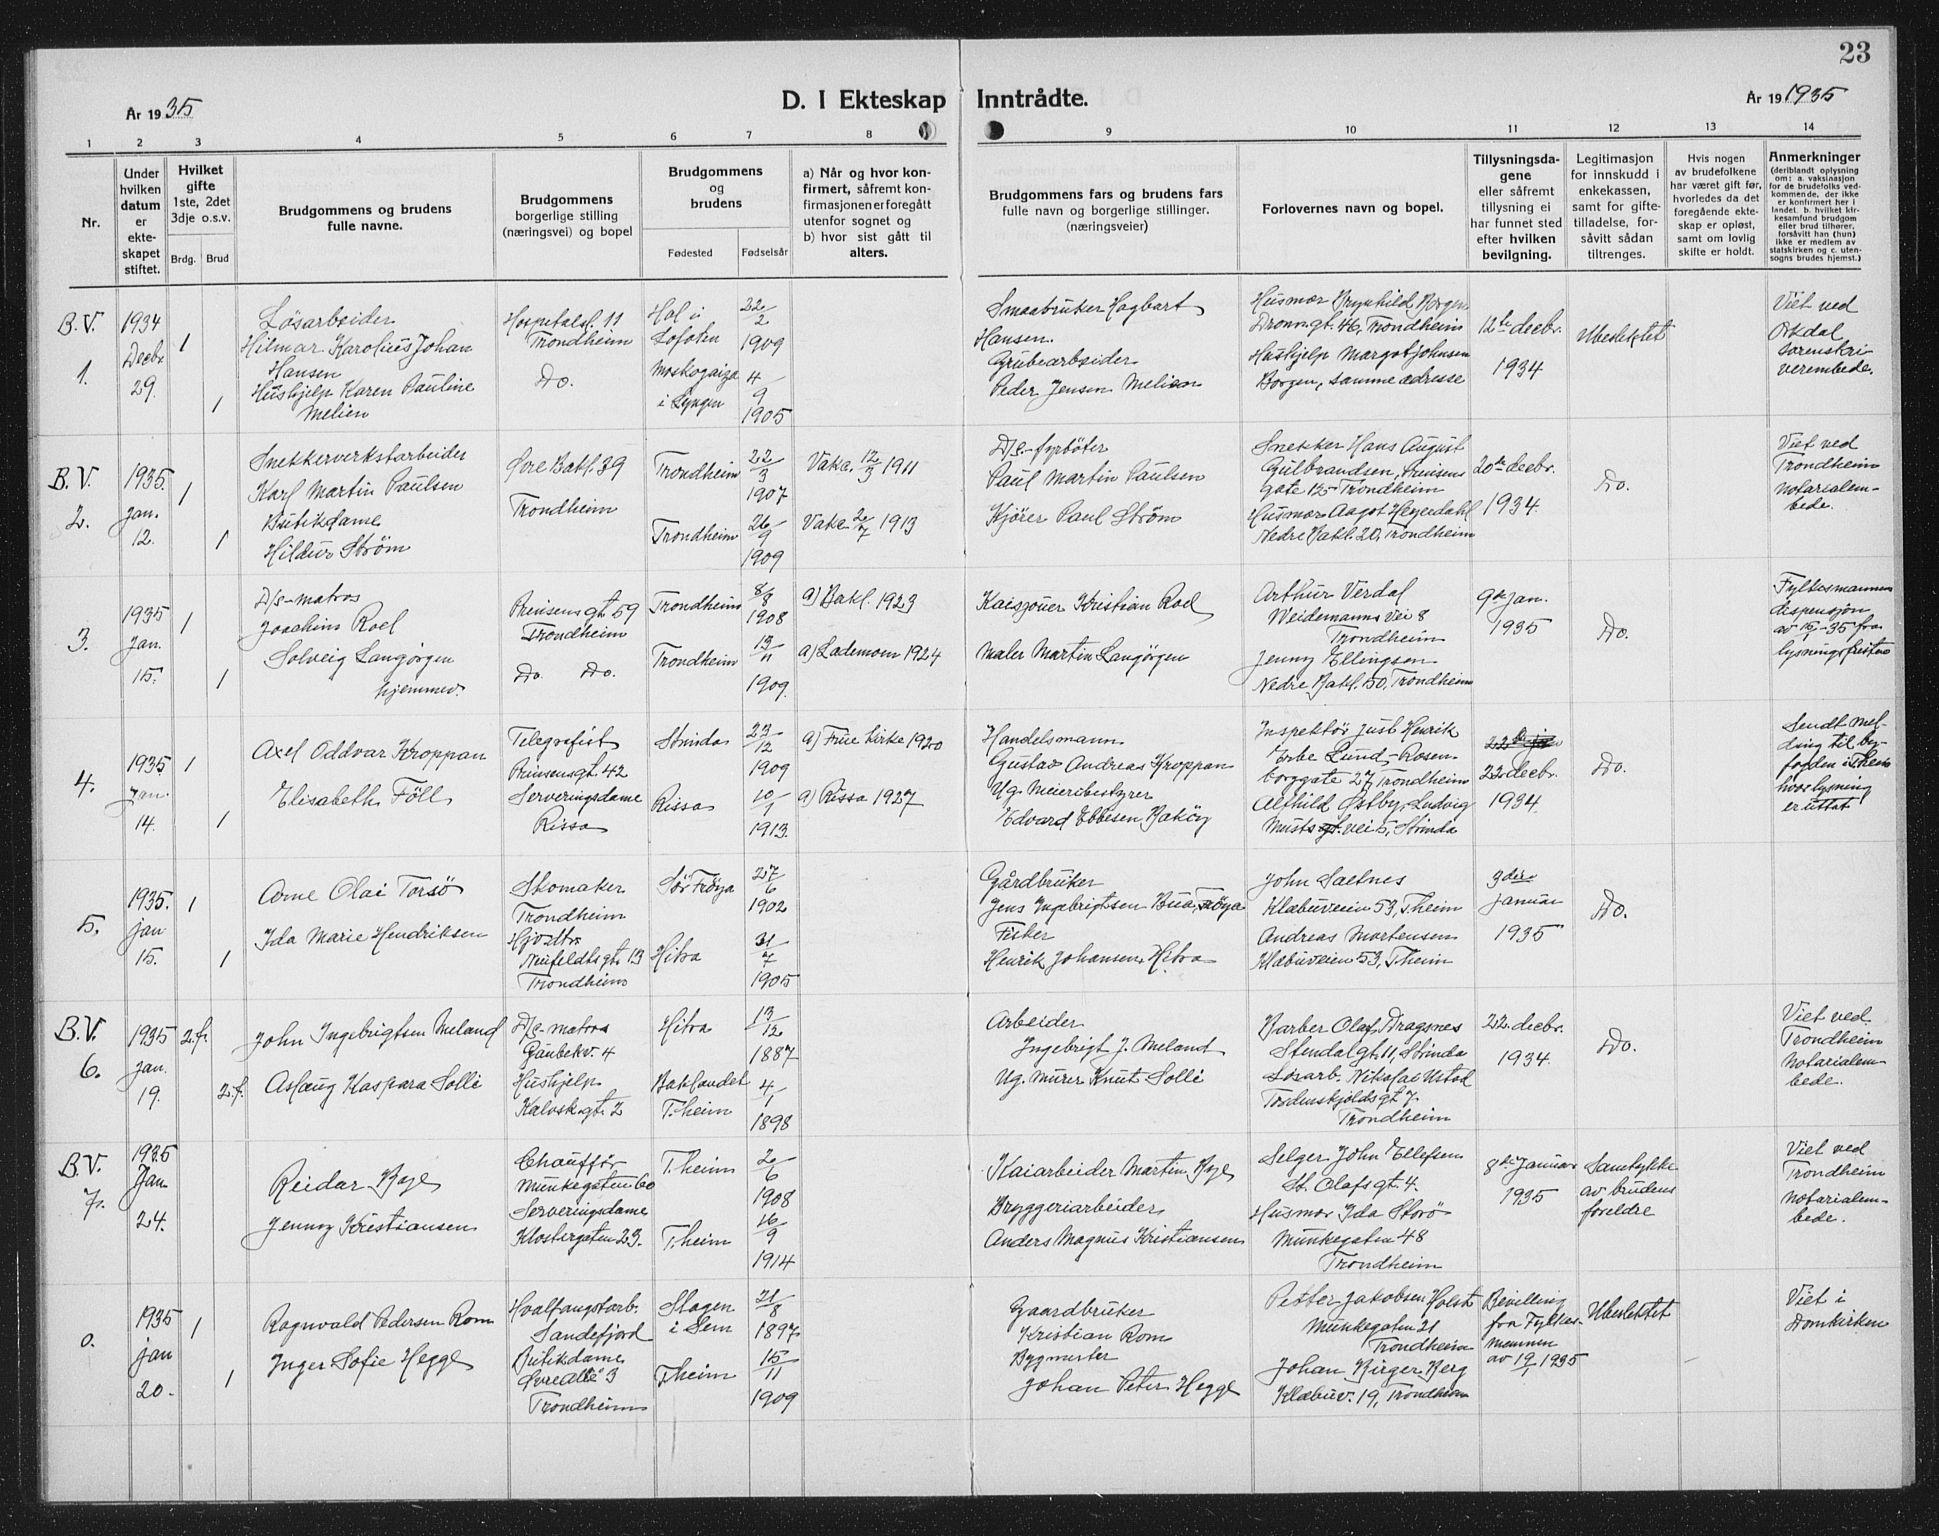 SAT, Ministerialprotokoller, klokkerbøker og fødselsregistre - Sør-Trøndelag, 602/L0152: Klokkerbok nr. 602C20, 1933-1940, s. 23